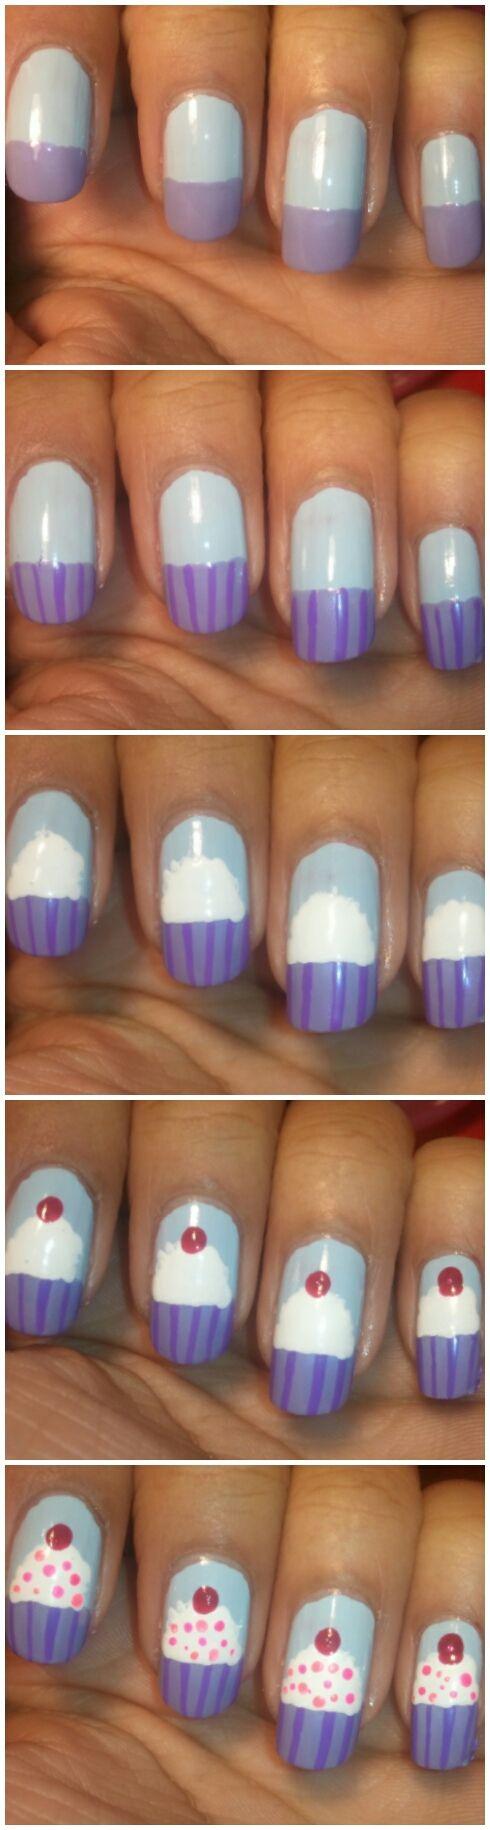 Die besten 17 Bilder zu Nails auf Pinterest   Galaxy-Nägel ...